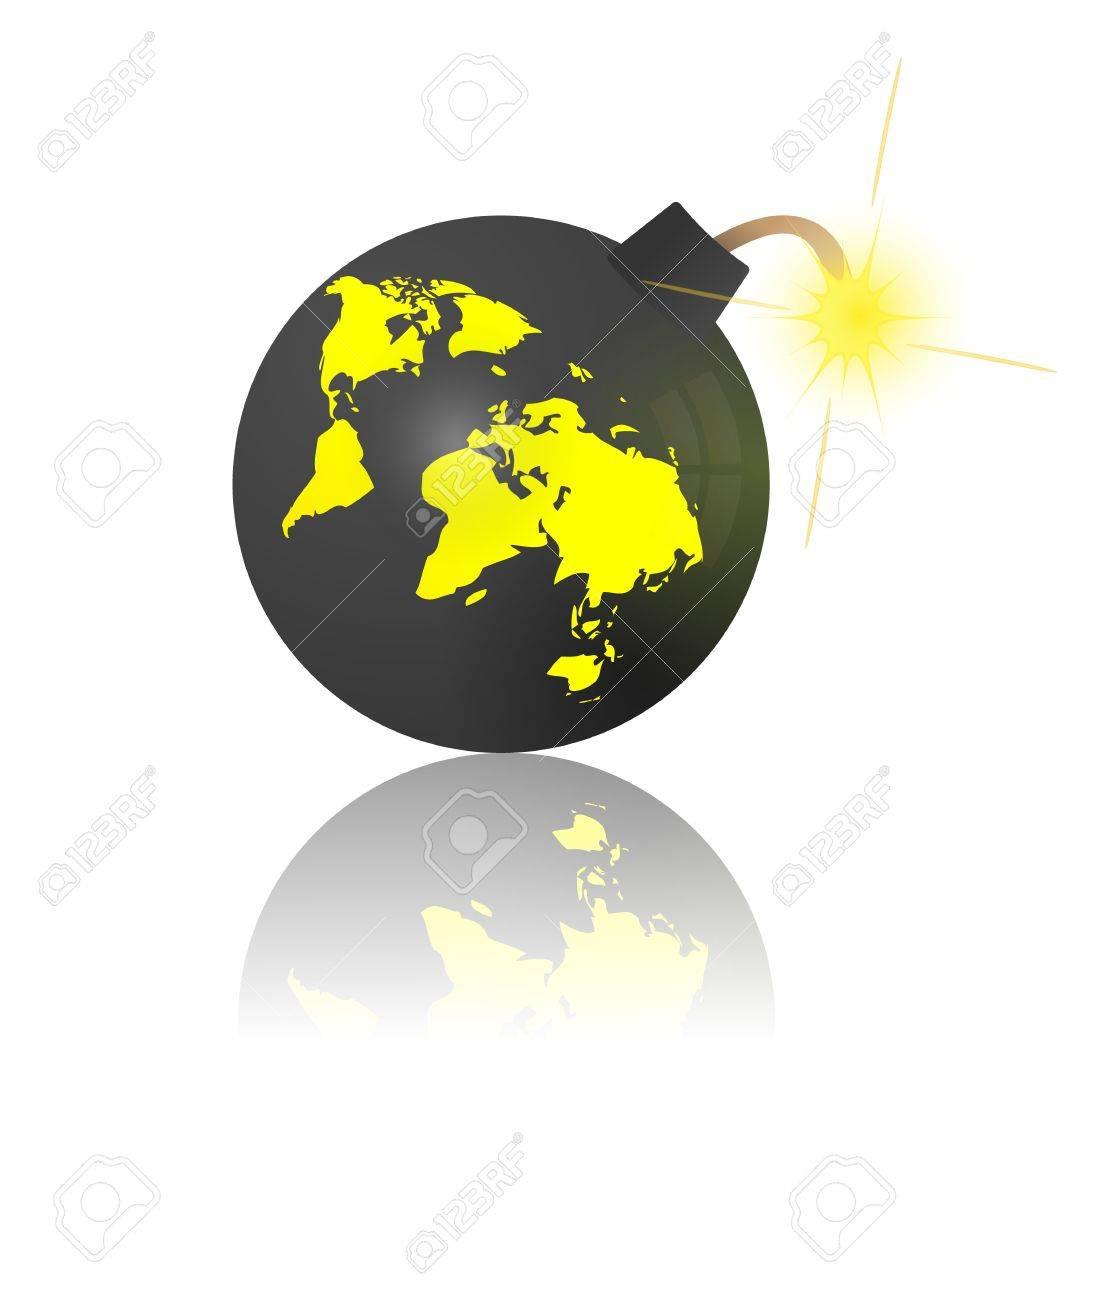 世界の終わり地球地図の爆弾のイラスト素材ベクタ Image 11814577